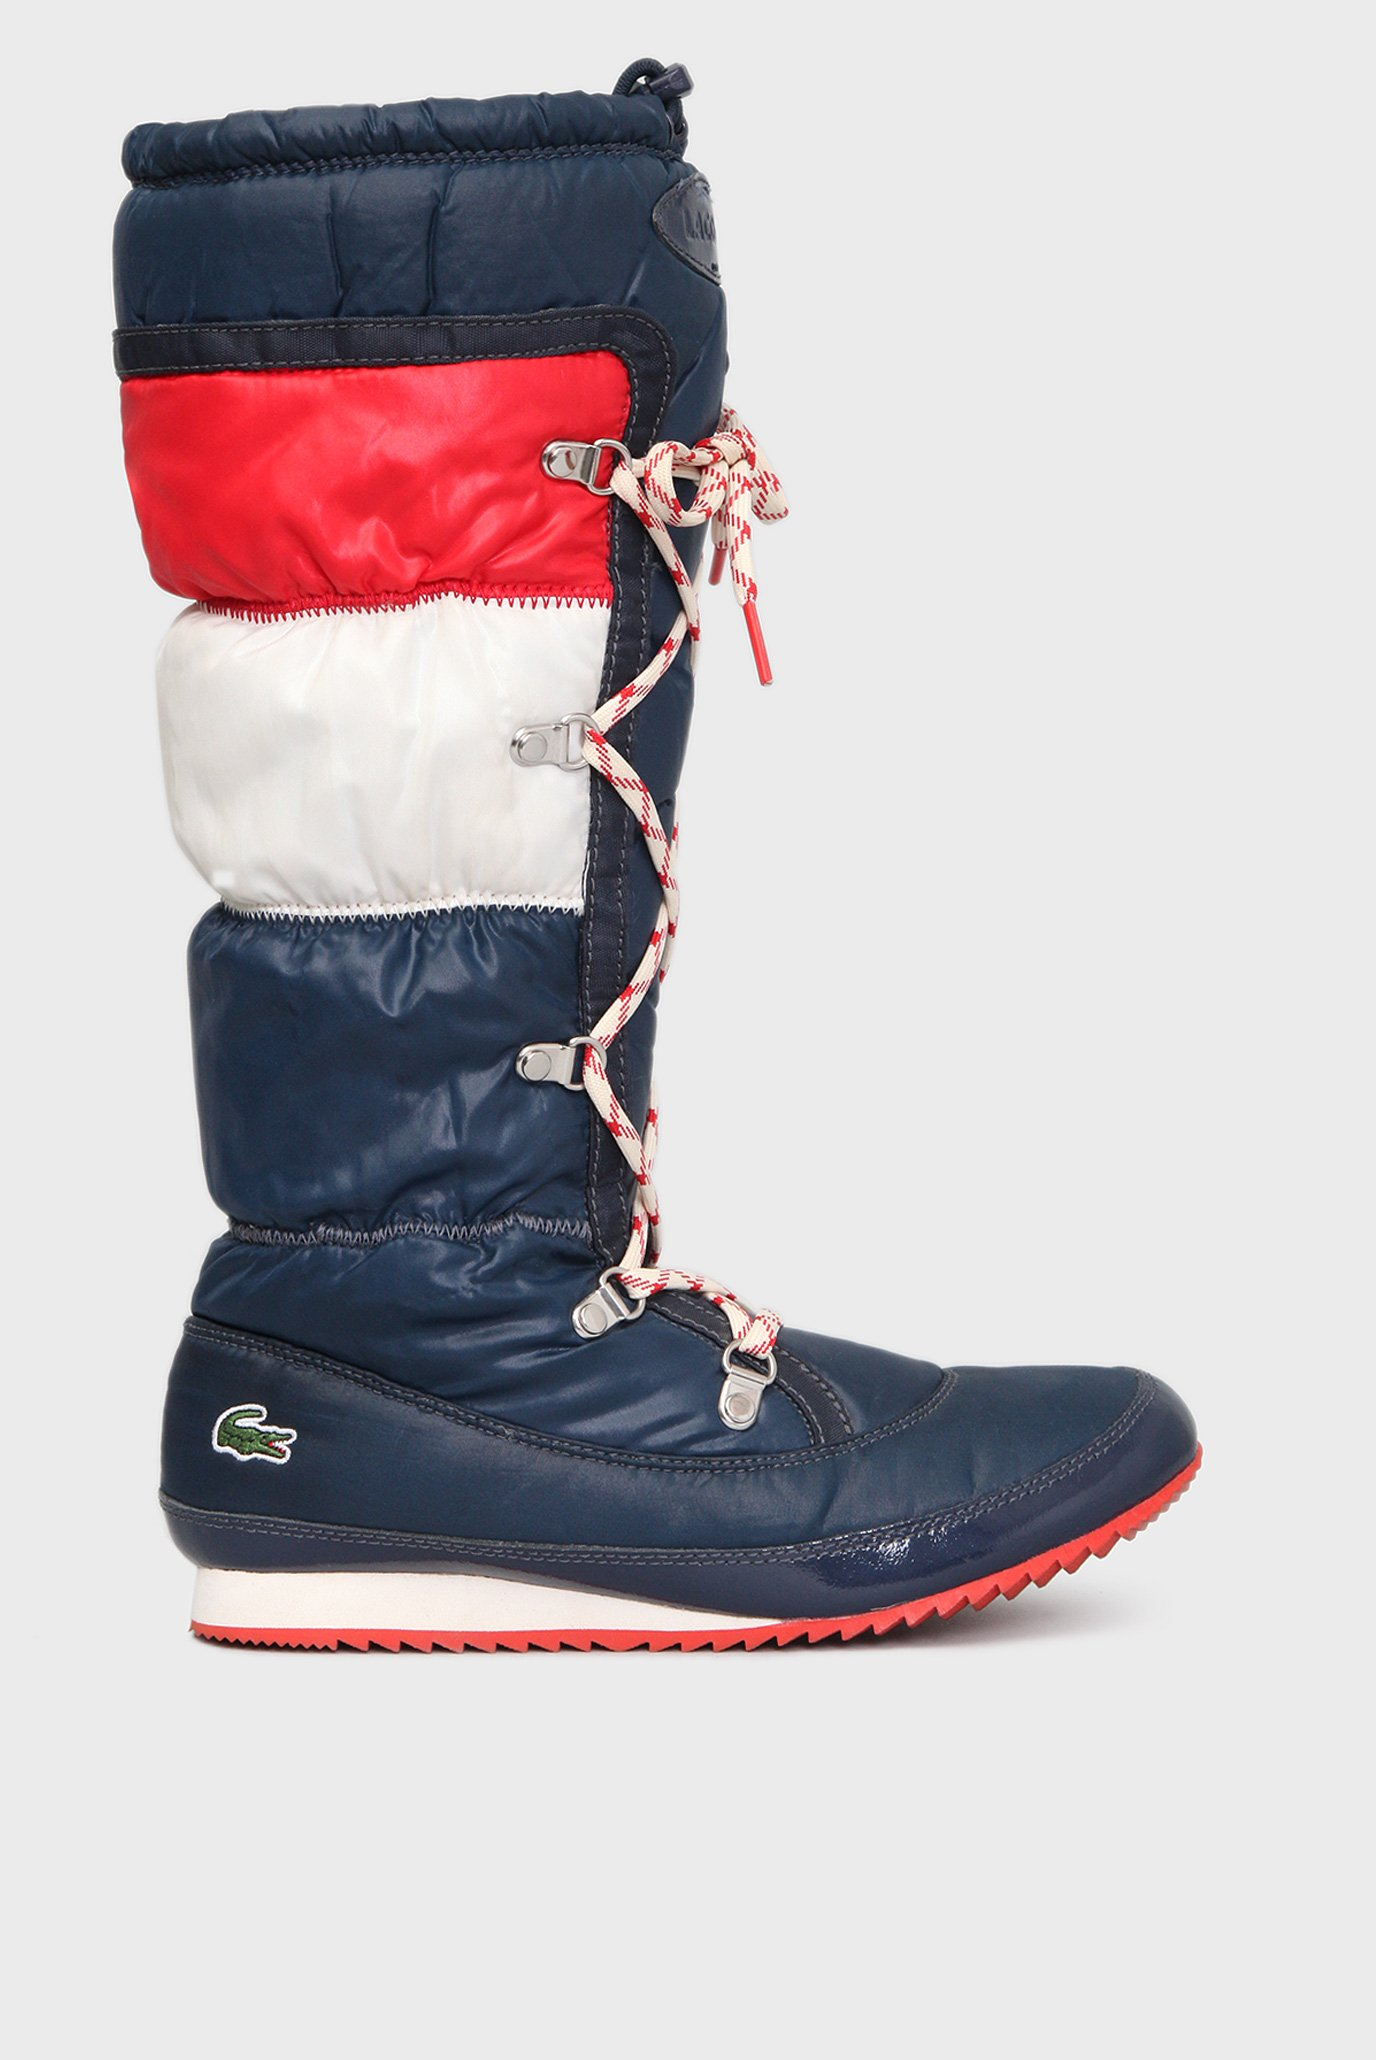 Купить Женские синие сапоги Lacoste Lacoste SPW22511W6 – Киев, Украина.  Цены в интернет магазине MD Fashion 2d4f6ce67de